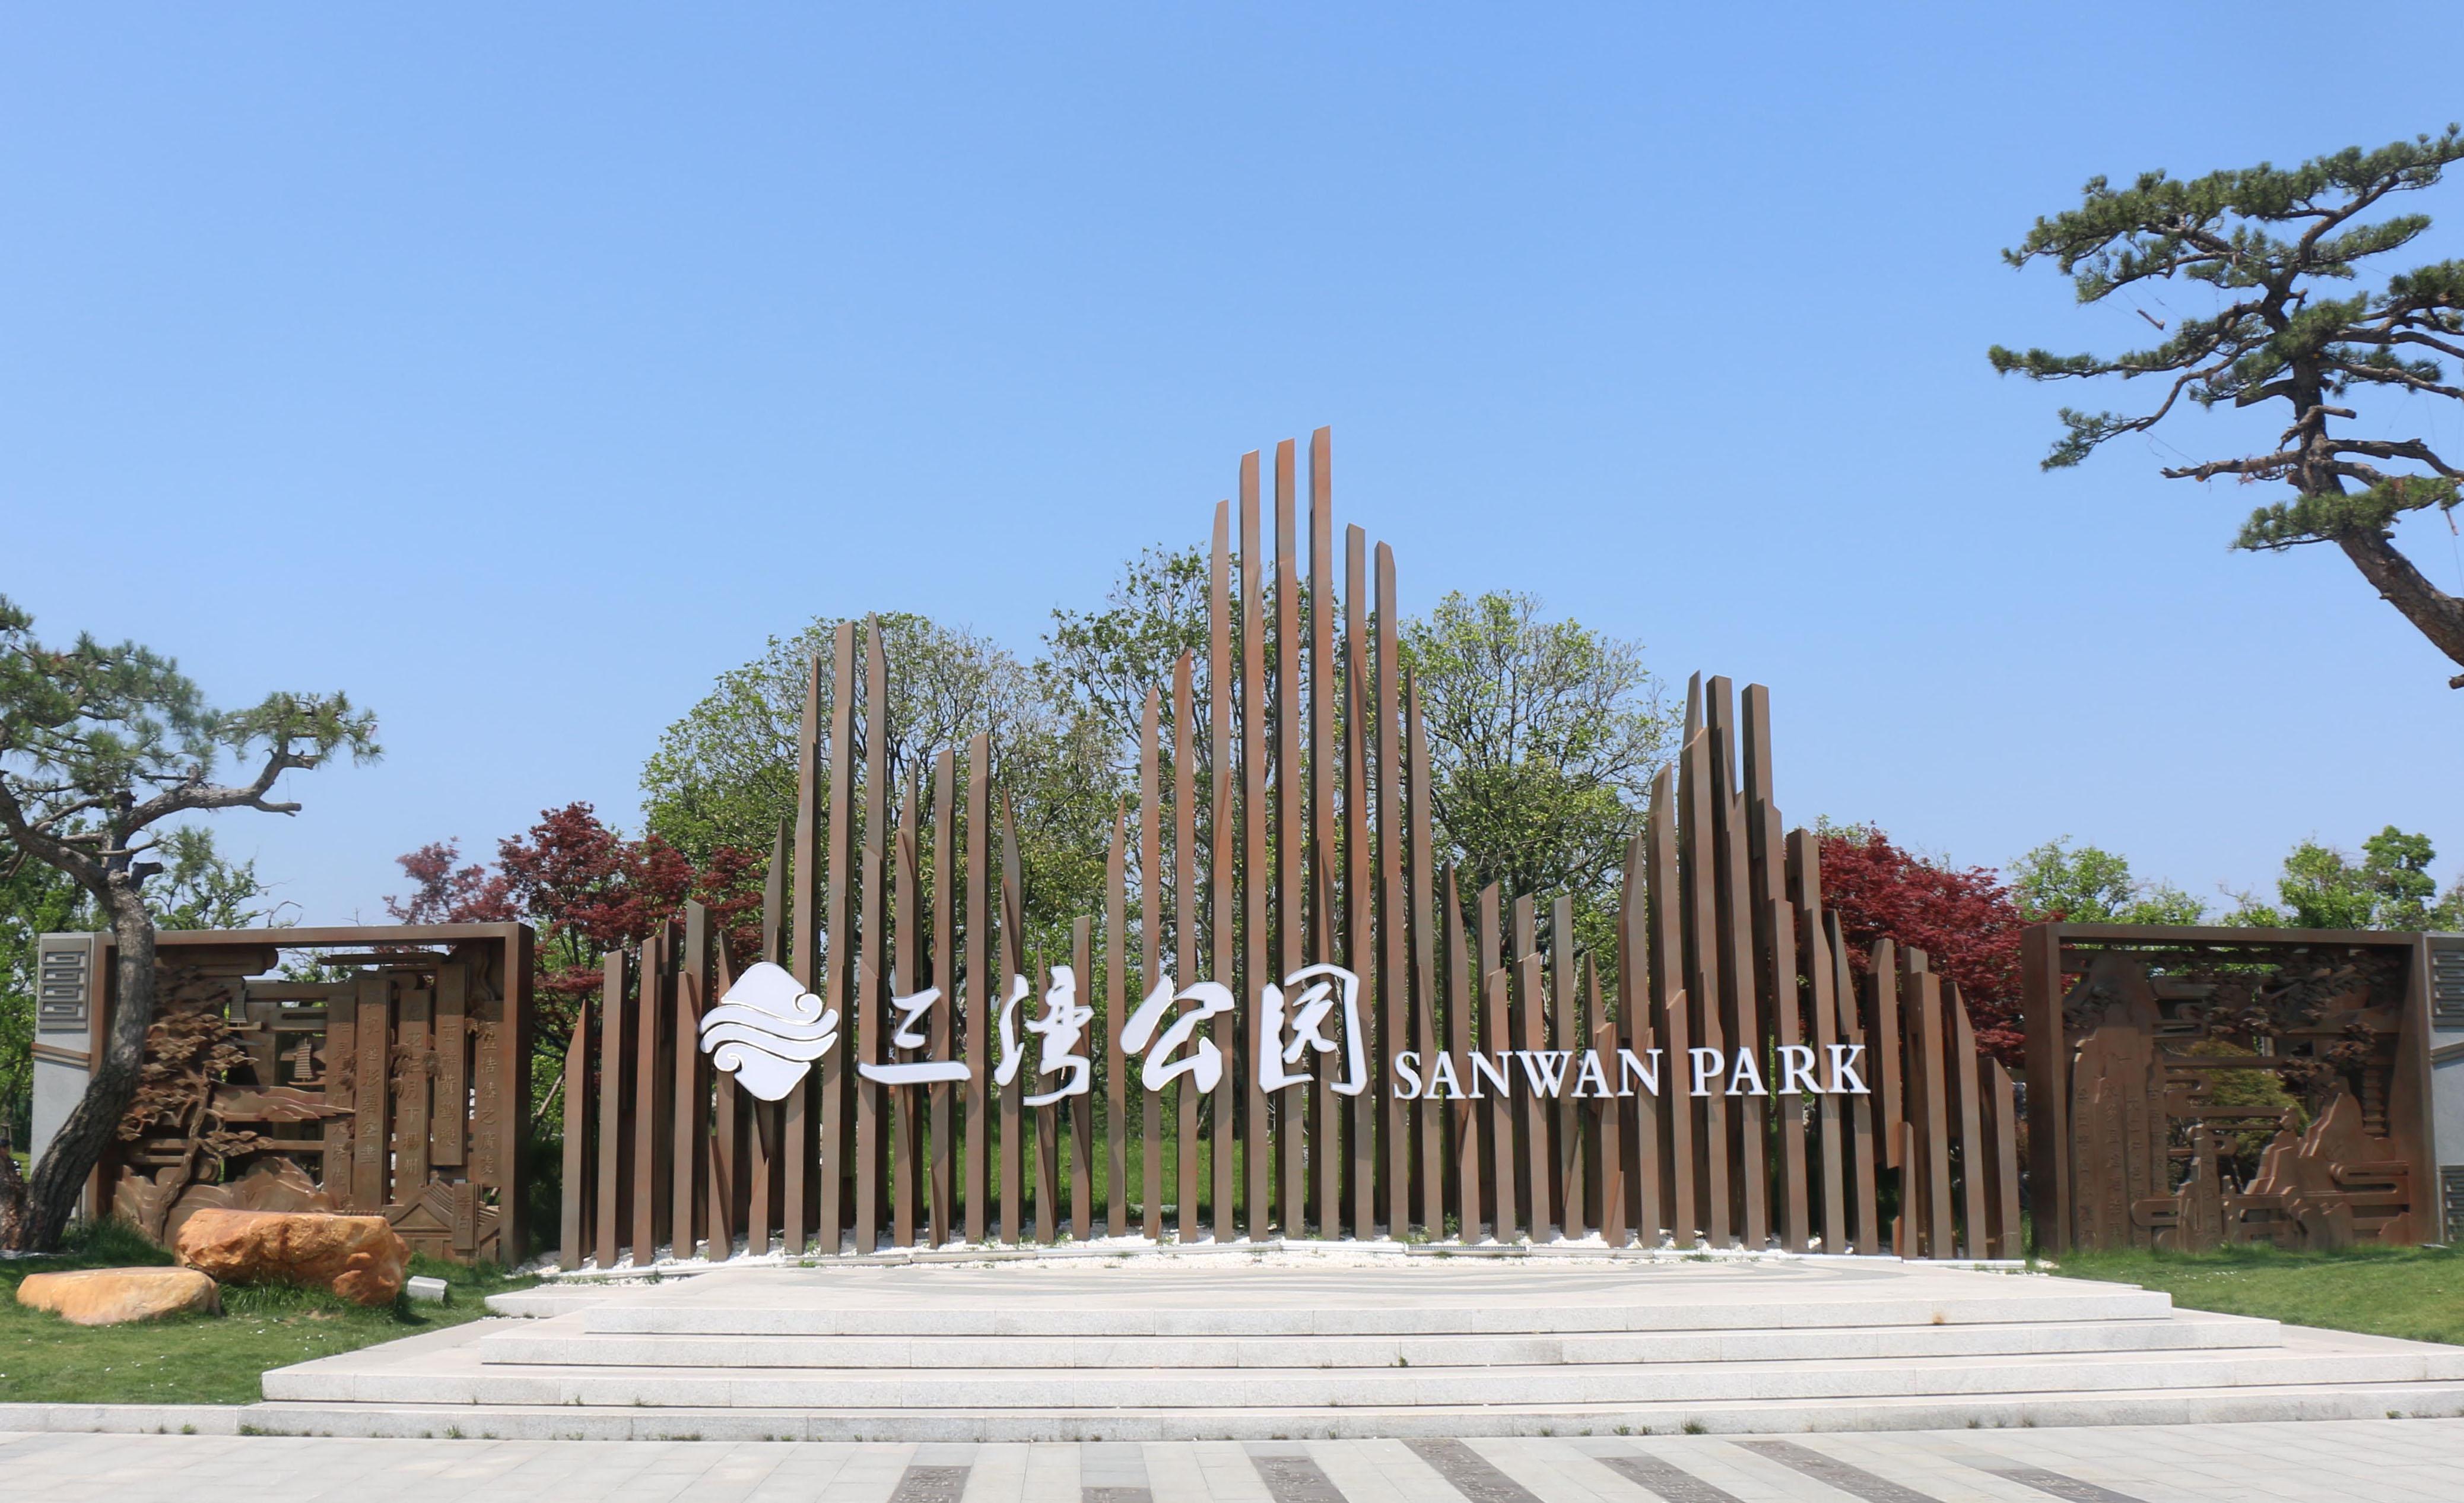 【美丽中国长江行】扬州三湾公园突显社会责任及公共性